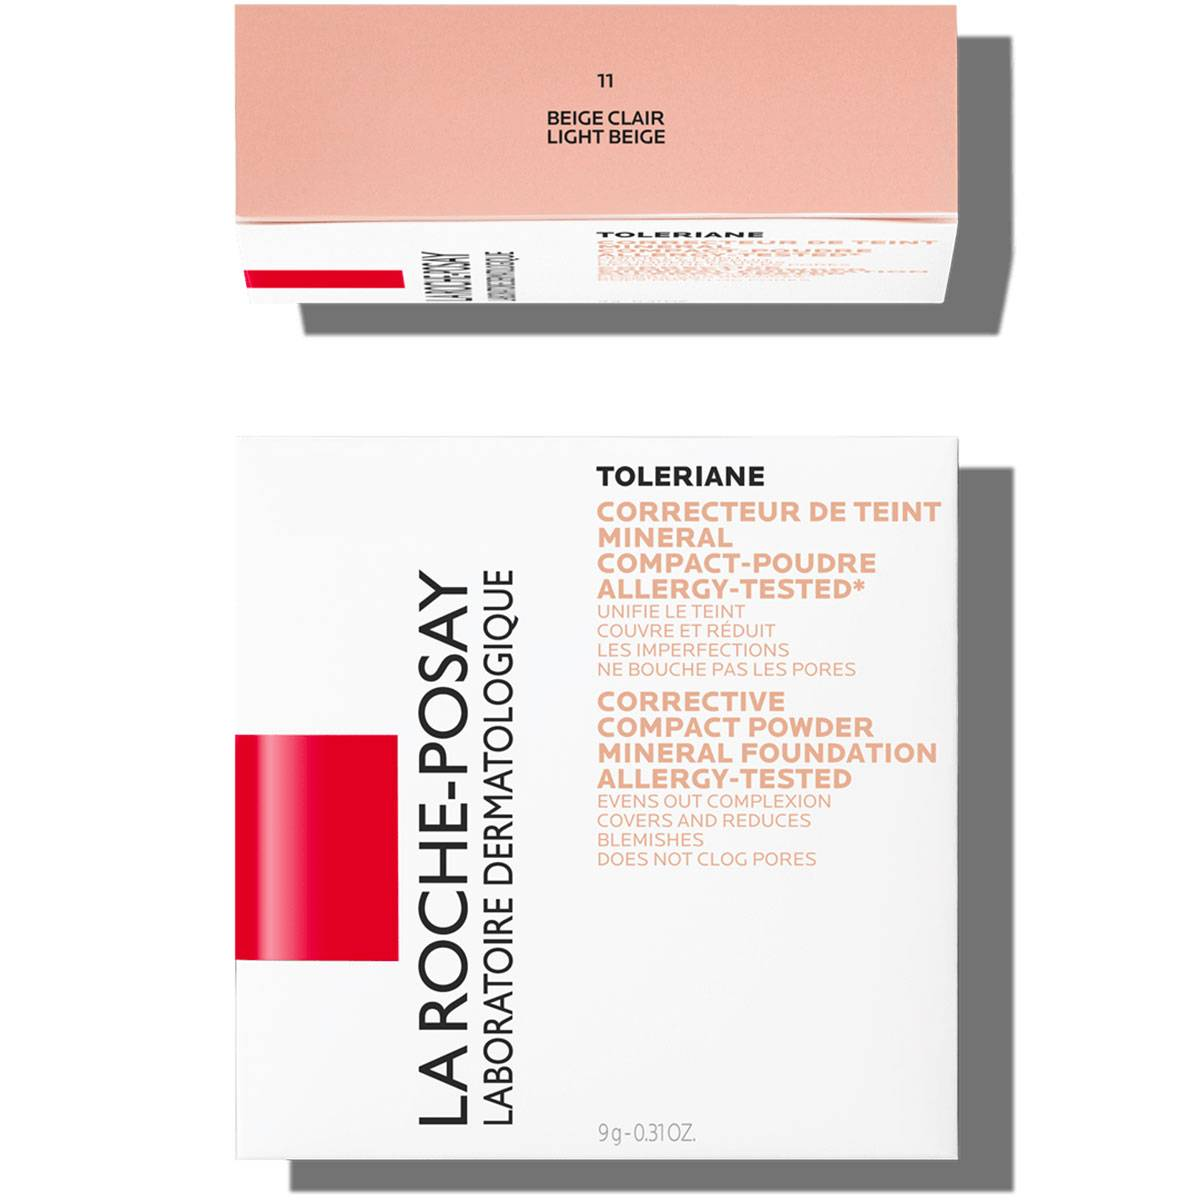 La Roche Posay Sensitive Toleriane Make up COMPACT POWDER 11LightBeige